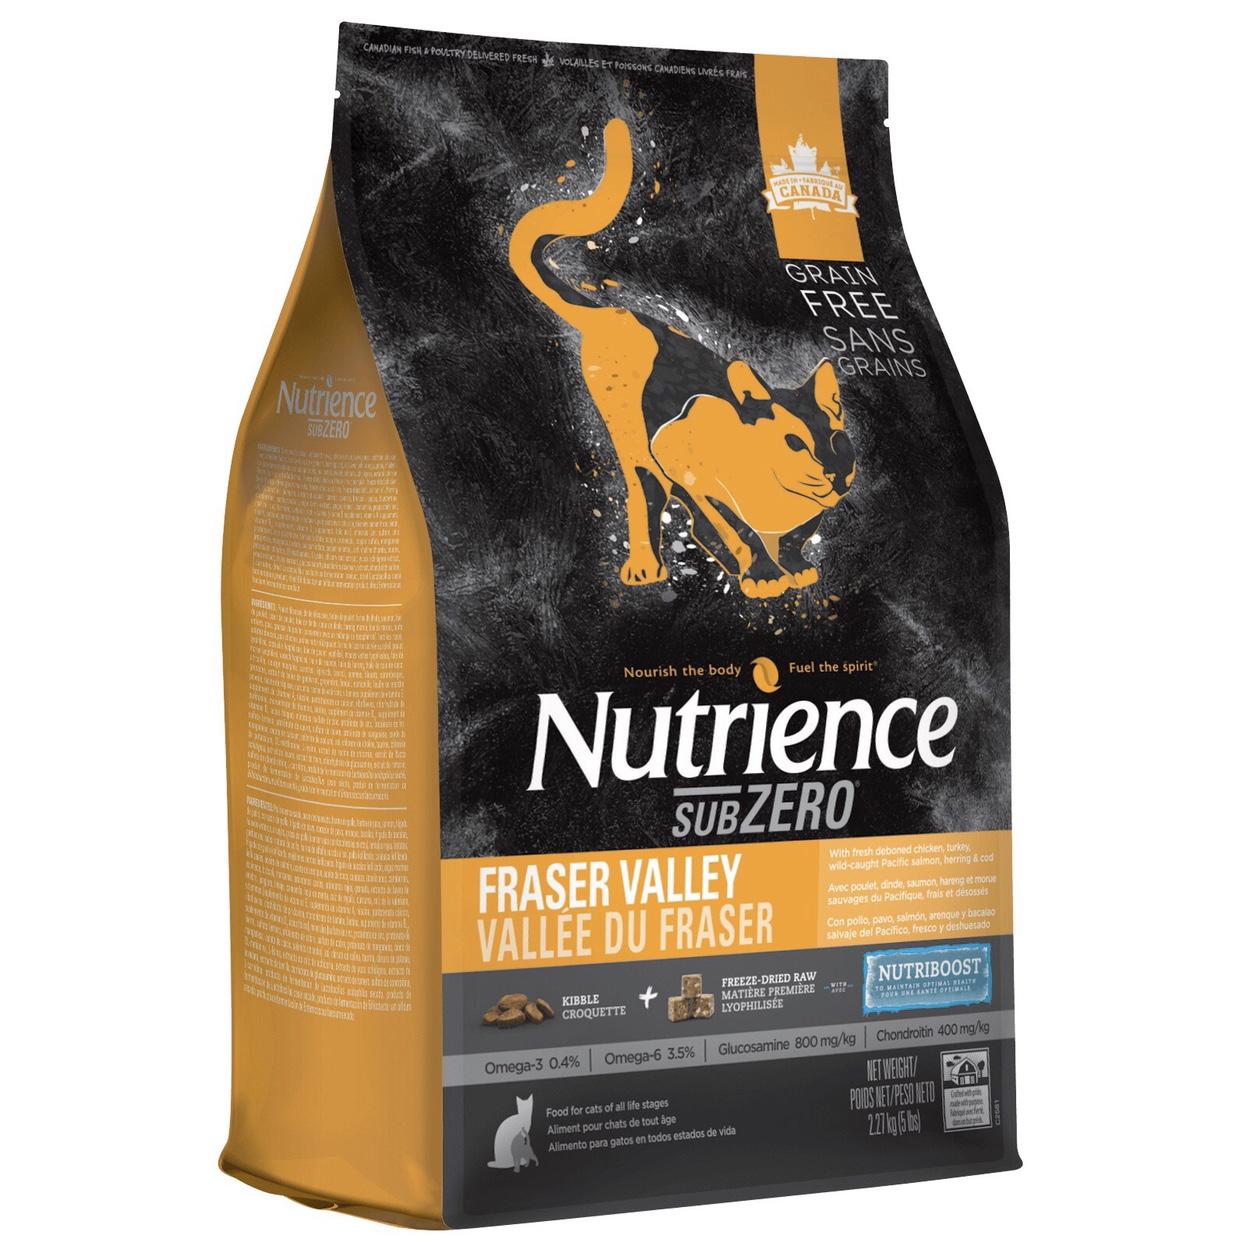 Hạt Mèo Nutrience SUBZERO Thịt Gà, Cá Hồi, Cá Trích, Rau Củ & Trái Cây 5kg